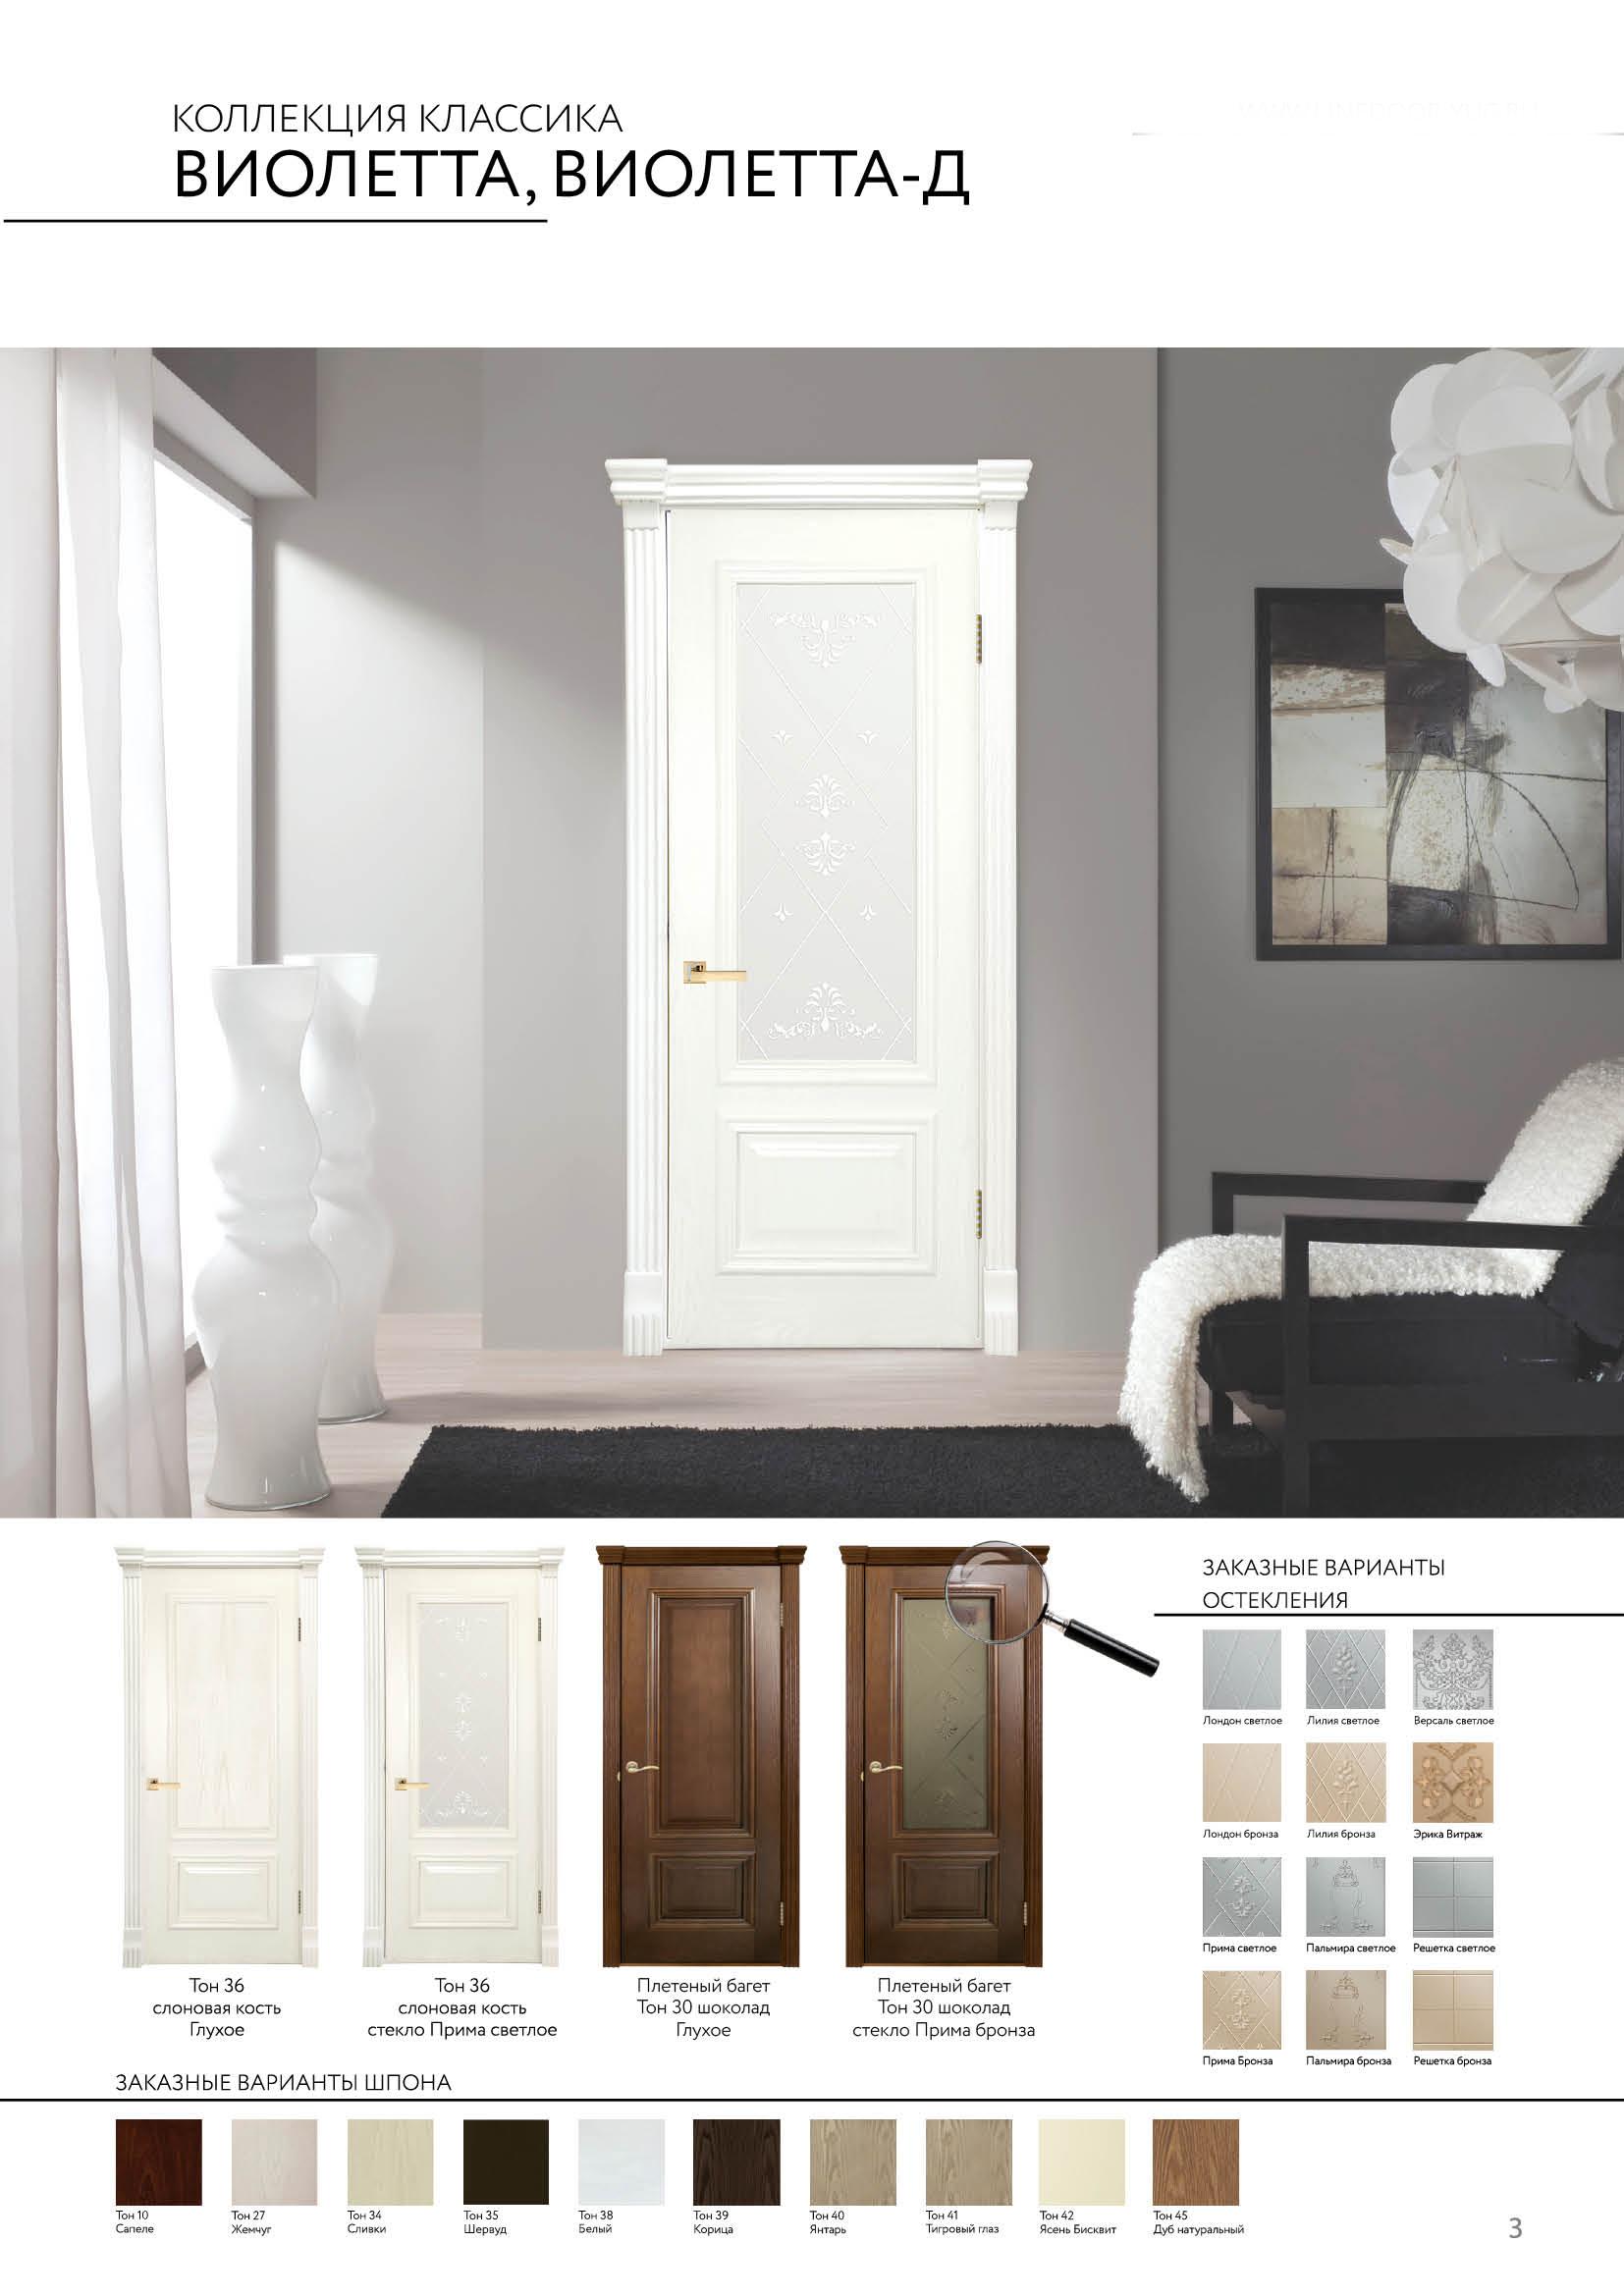 Межкомнатные Ульяновские двери модель Виалетта